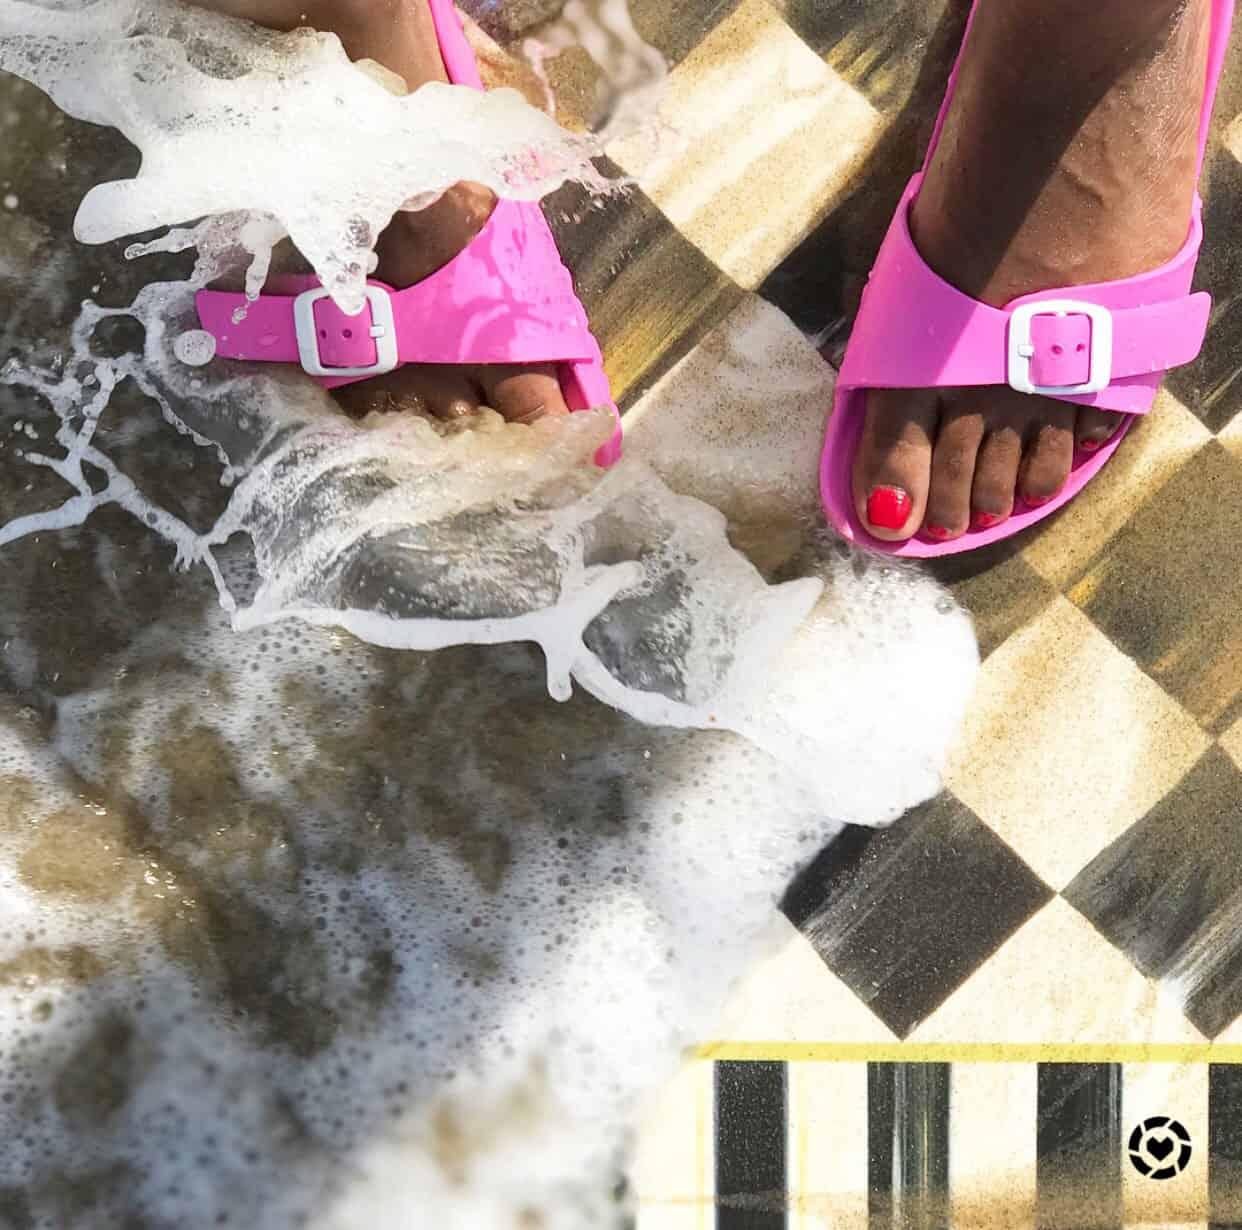 Shaunda Necole MacKenzie-Childs Floor Mat at the Beach